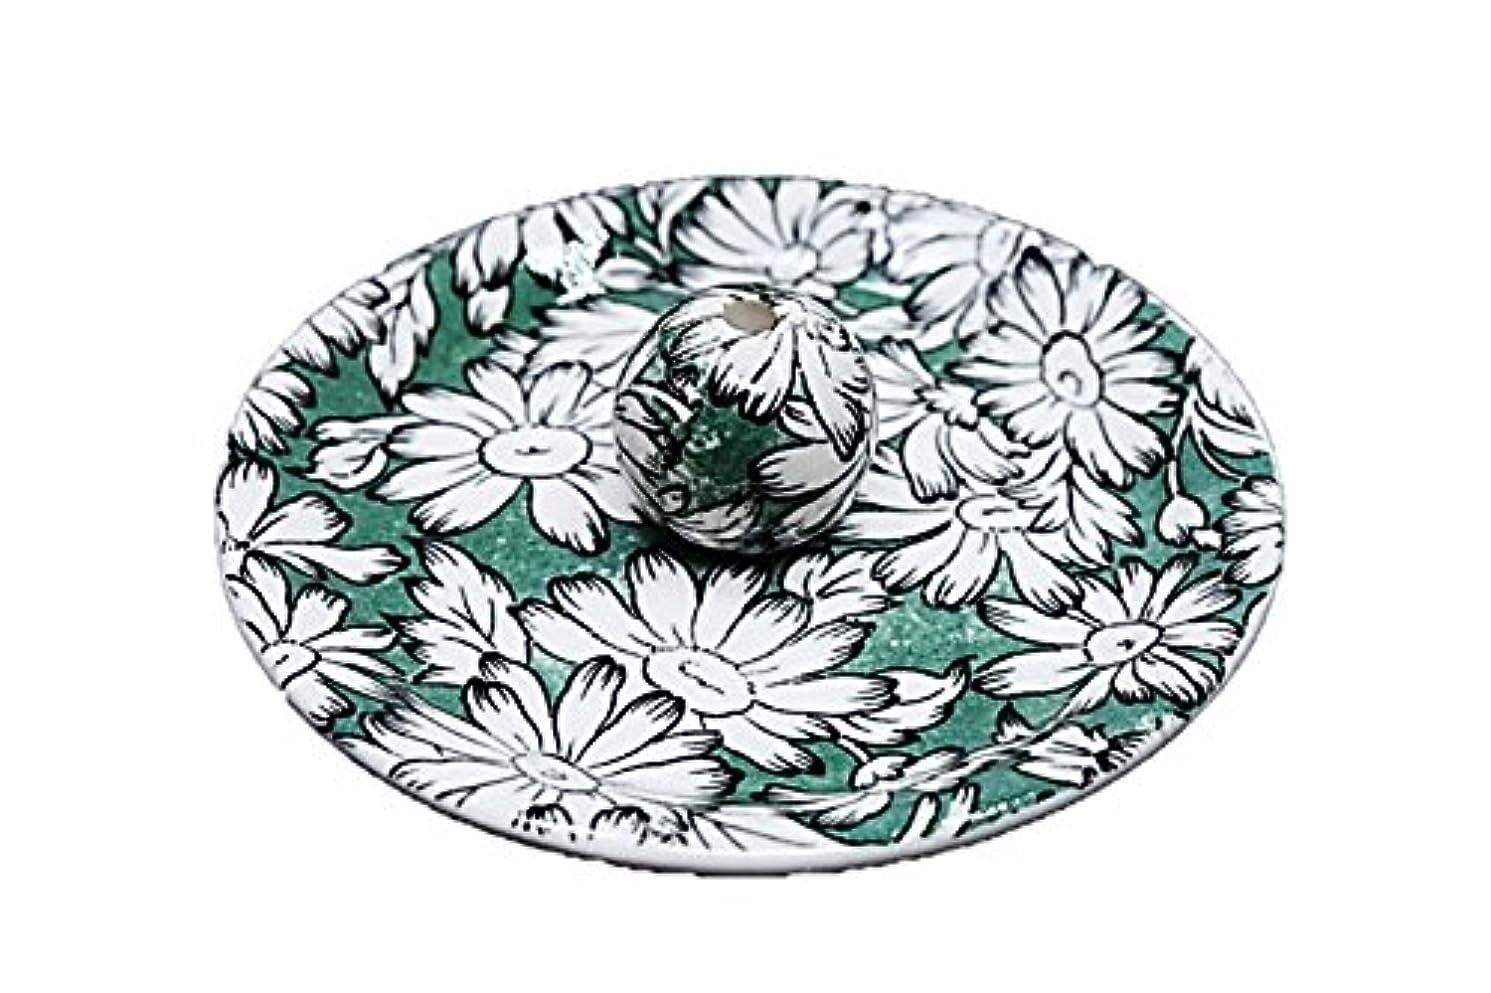 好き温度計ズーム9-10 マーガレットグリーン 9cm香皿 お香立て お香たて 陶器 日本製 製造?直売品